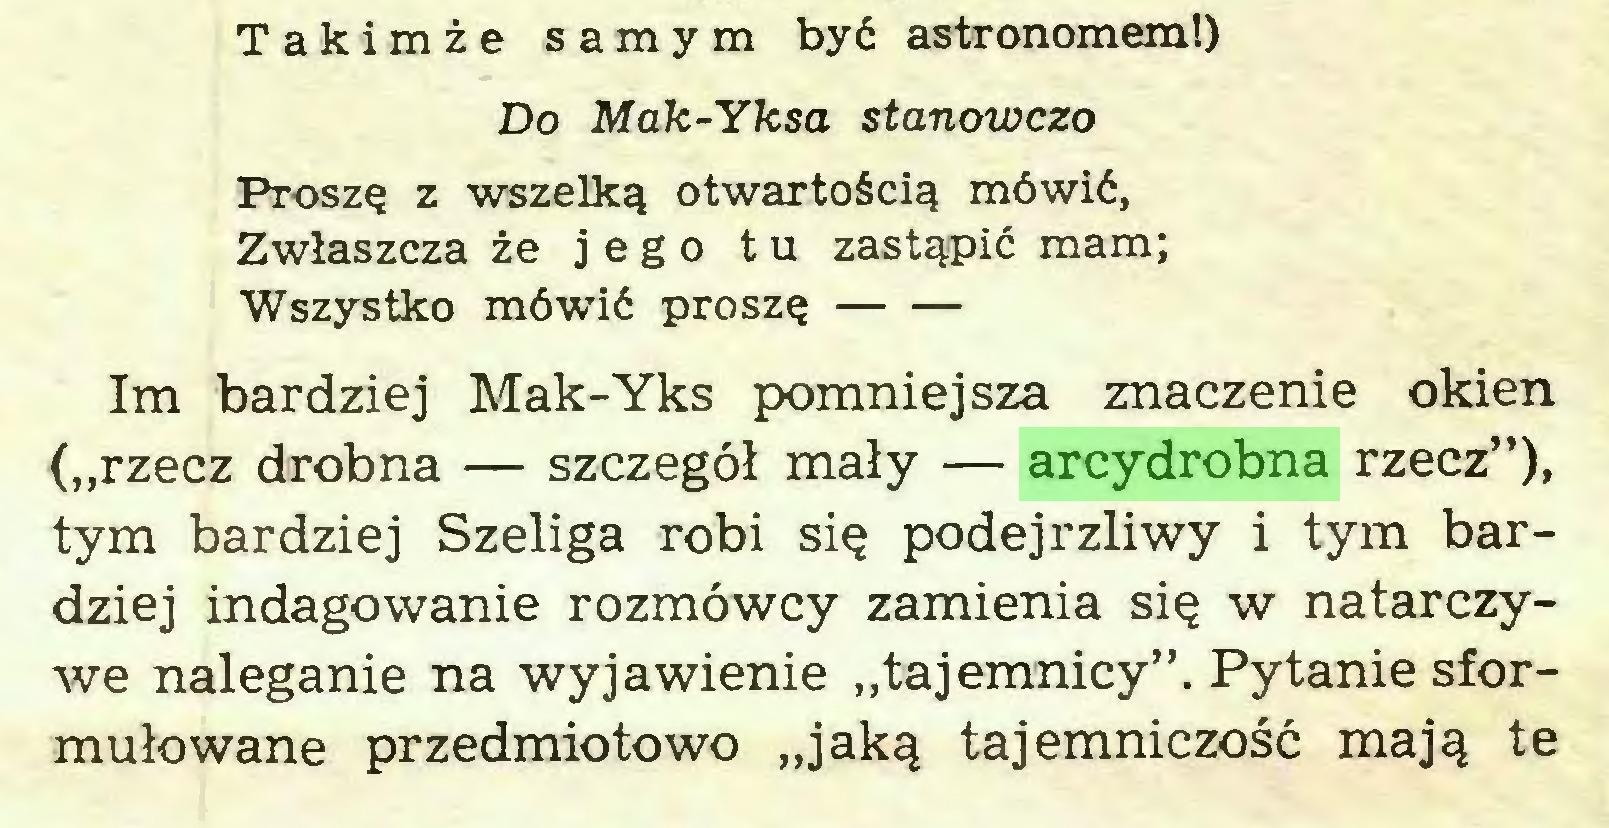 """(...) Takimze samym by6 astronomem!) Do Mak-Yksa stanowczo Ptoszq z wszelkq otwartoSci^ möwiö, Zwlaszcza ze jego tu zastgpid raam; Wszystko m6wi£ proszQ Im bardziej Mak-Yks pomniejsza znaczenie okien (""""rzecz drobna — szczegöl maly — arcydrobna rzecz""""), tym bardziej Szeliga robi si^ podejrzliwy i tym bardziej indagowanie rozmowcy zamienia si$ w natarczywe naleganie na wyjawienie """"tajemnicy"""". Pytanie sformulowane przedmiotowo """"jak^ tajemniczosc maj^ te..."""